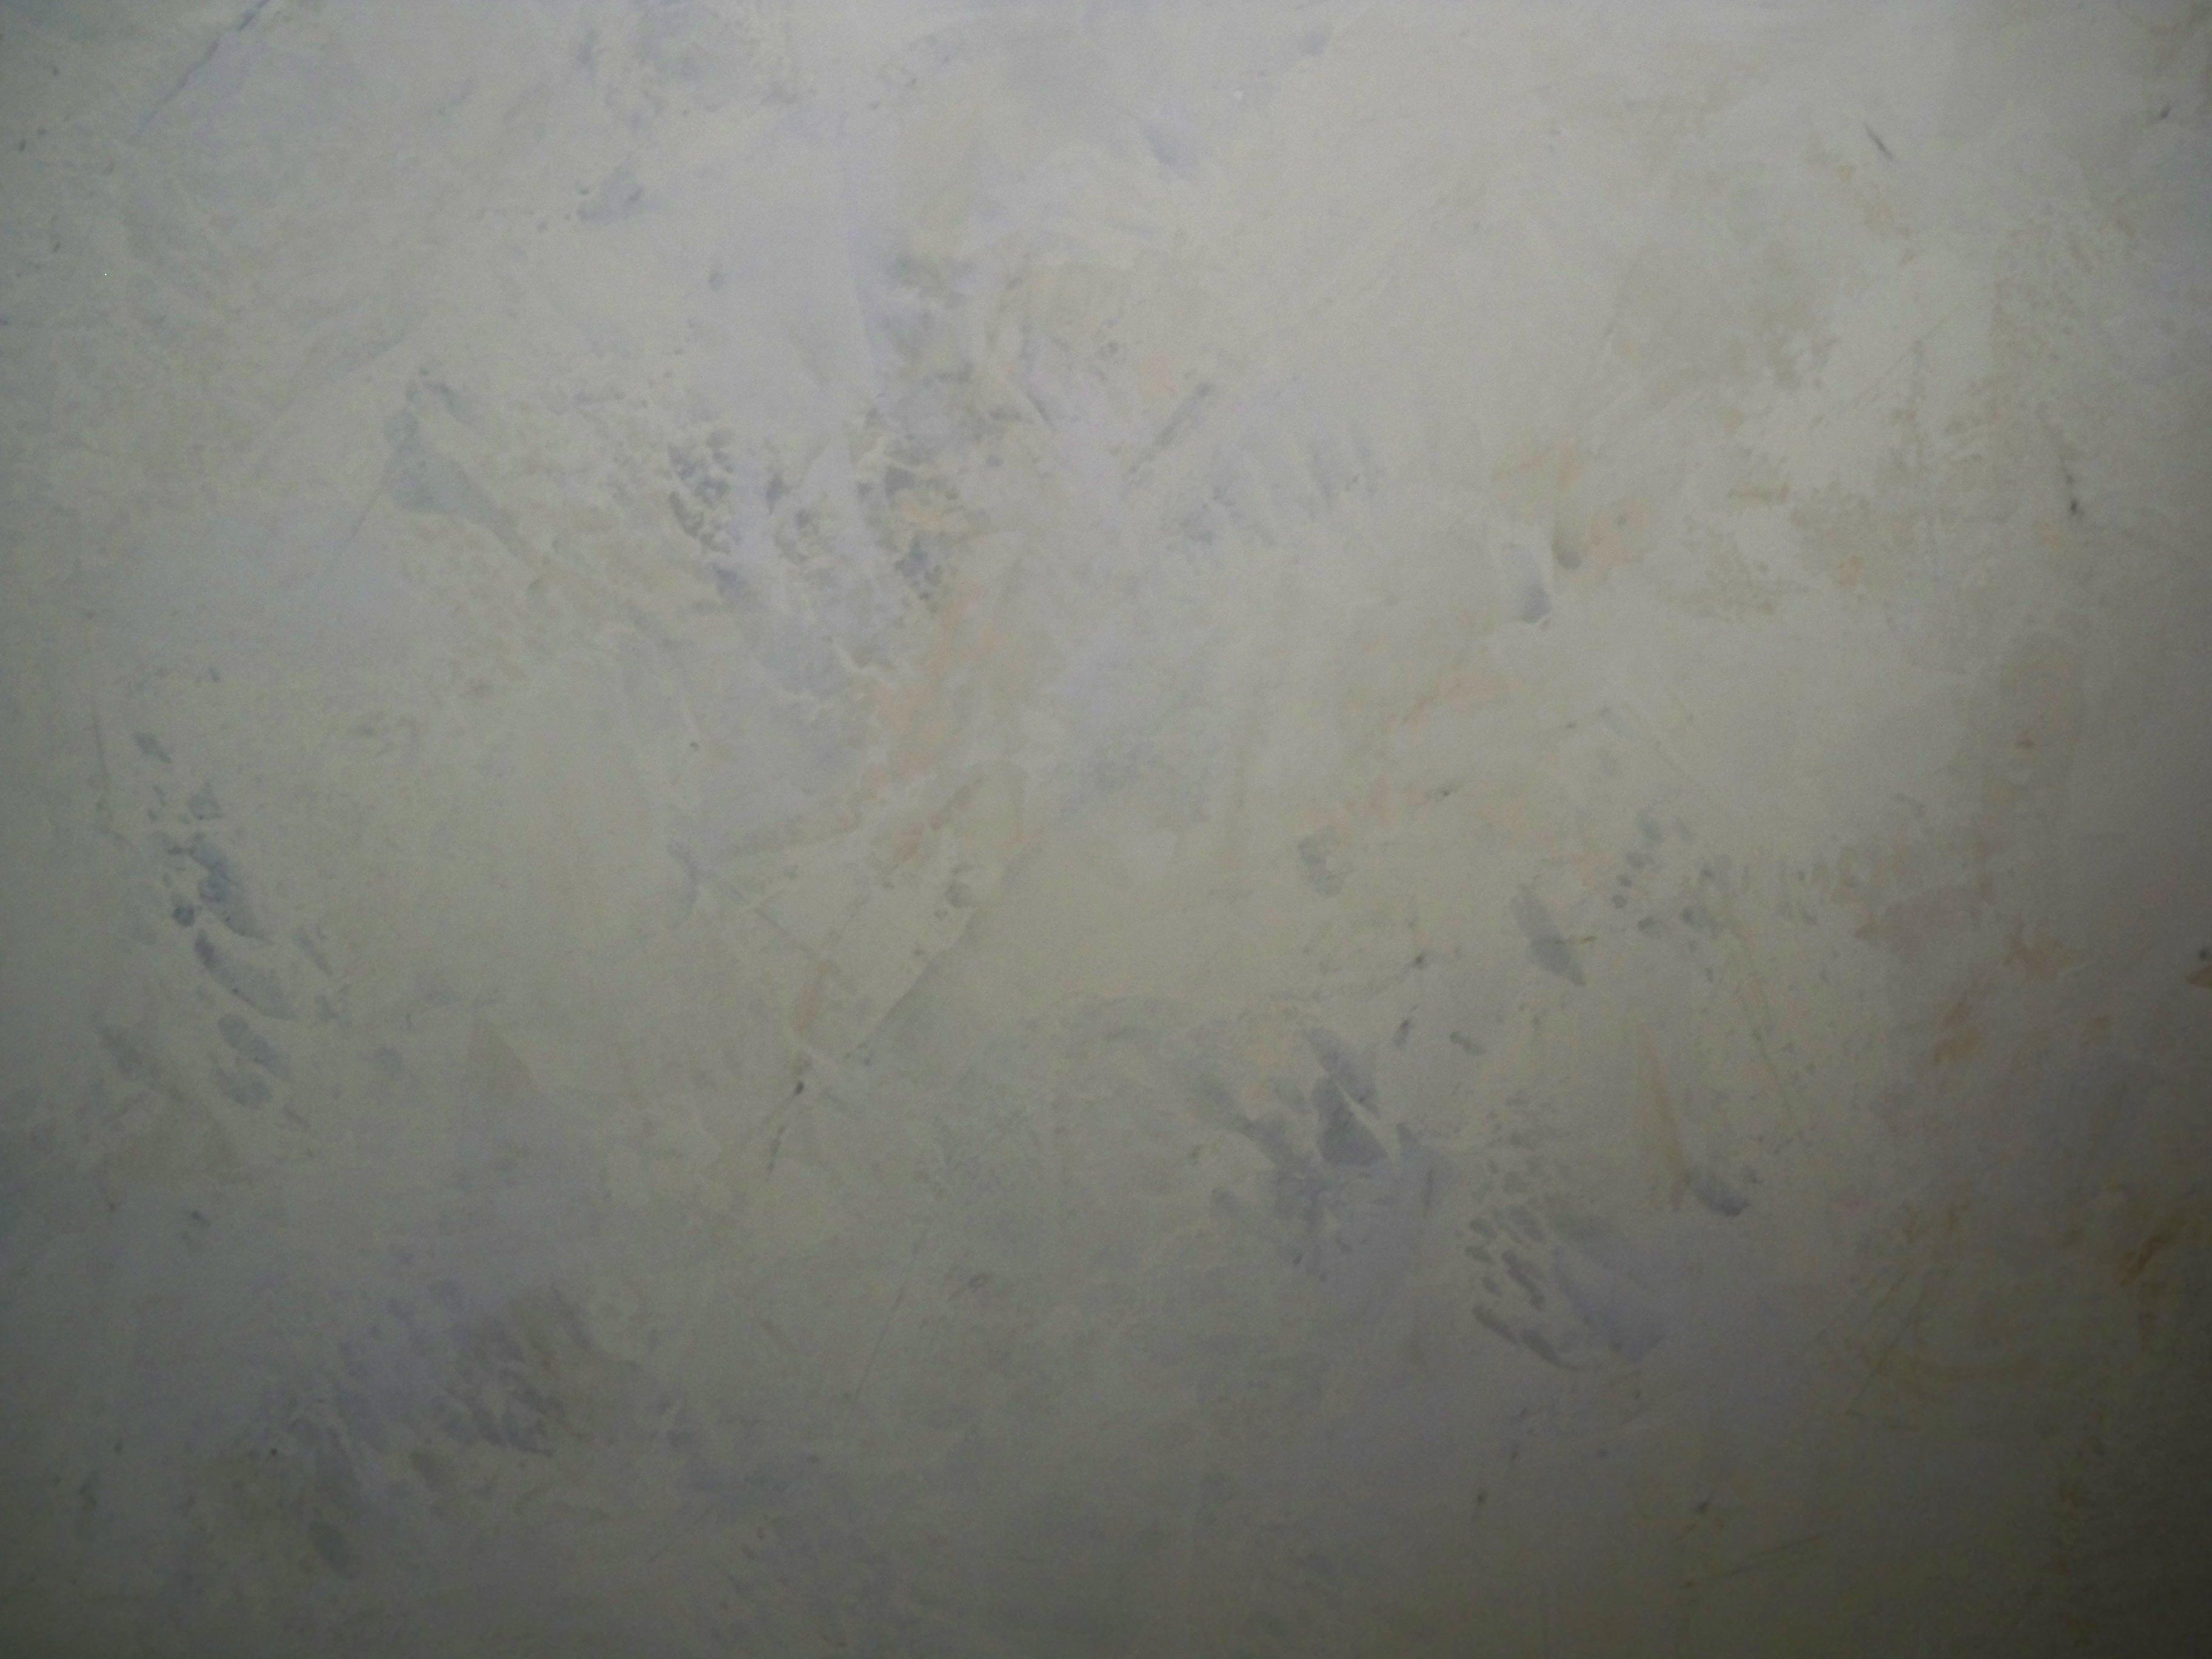 Murals By Marg Silver Venetian Plaster 4.JPG